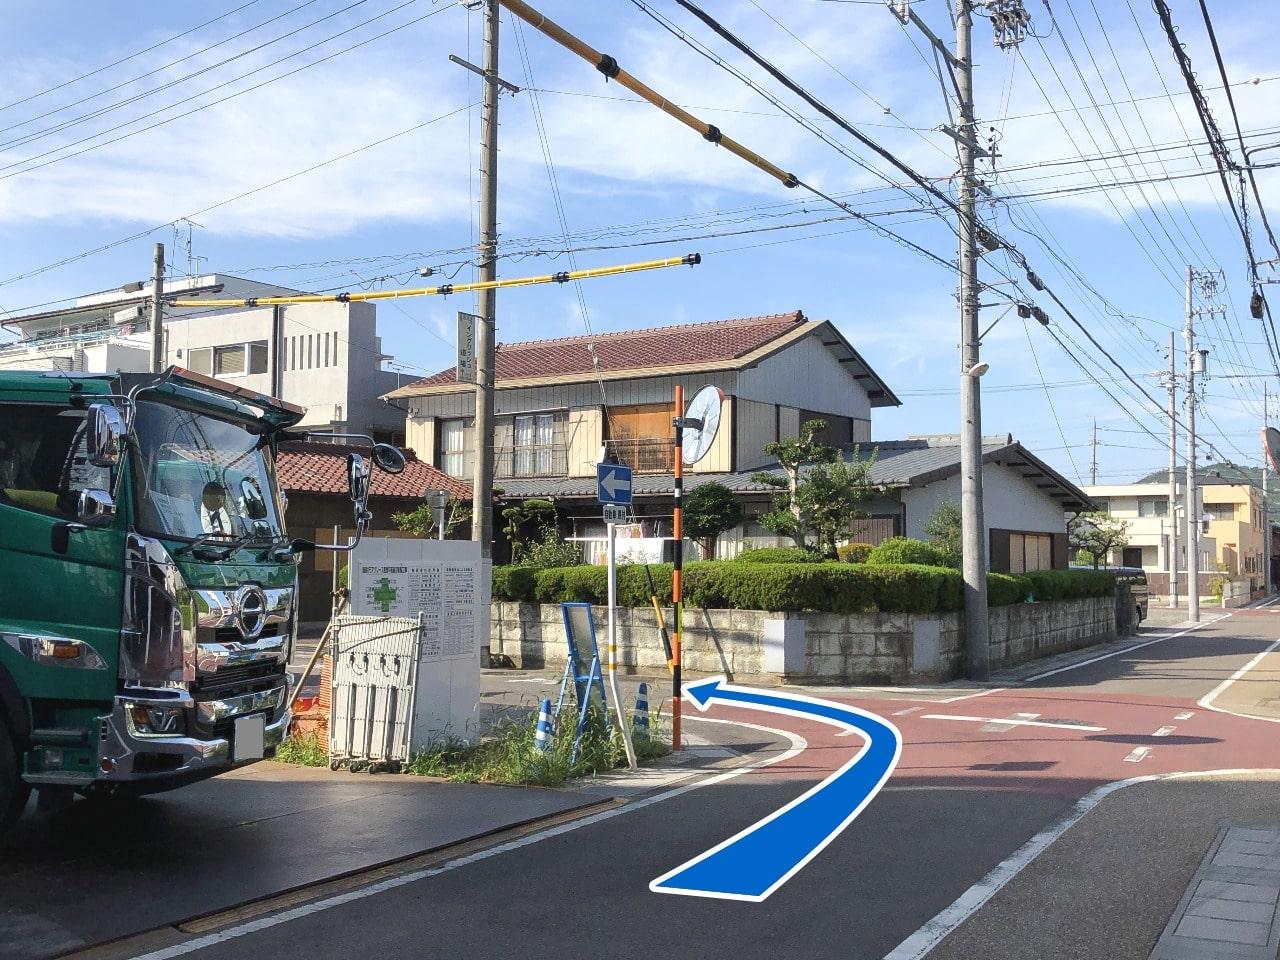 長良北町バス停(岐阜大学病院行き)からのイングリッシュ道場へのバスでの行き方